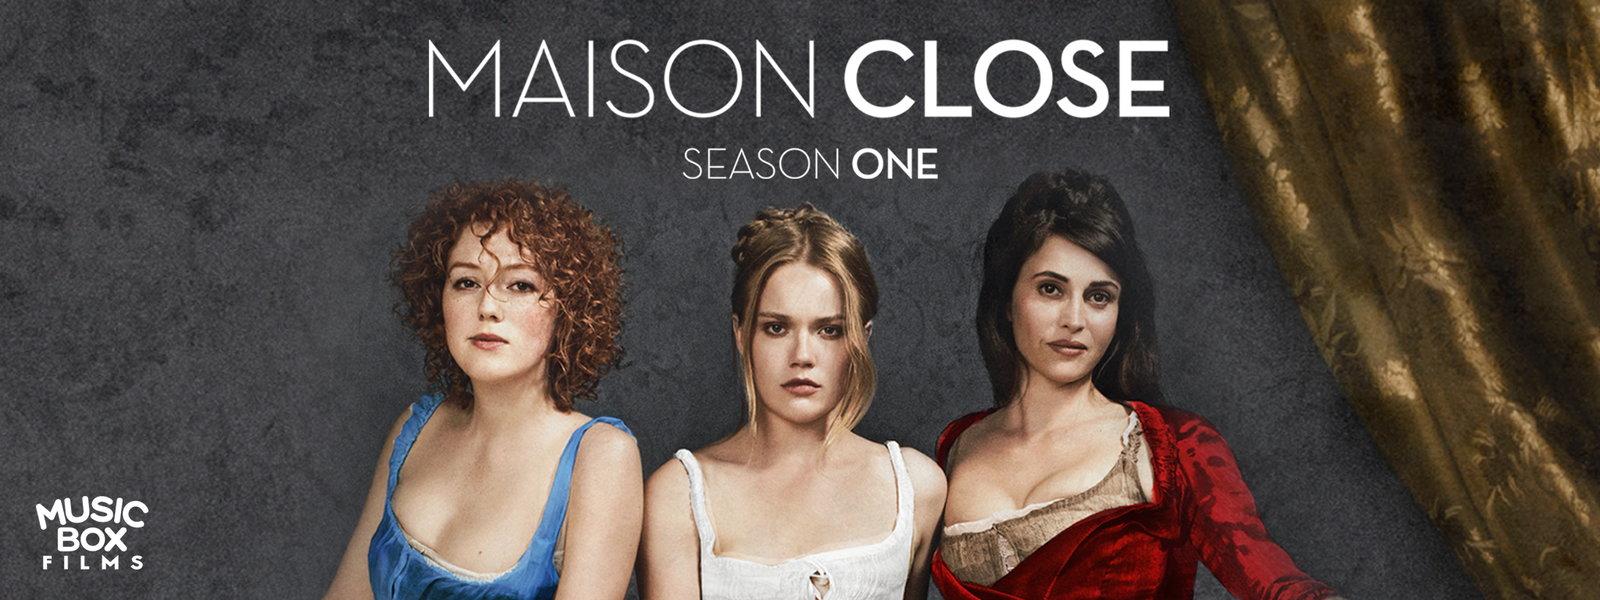 Maison Close Episodes